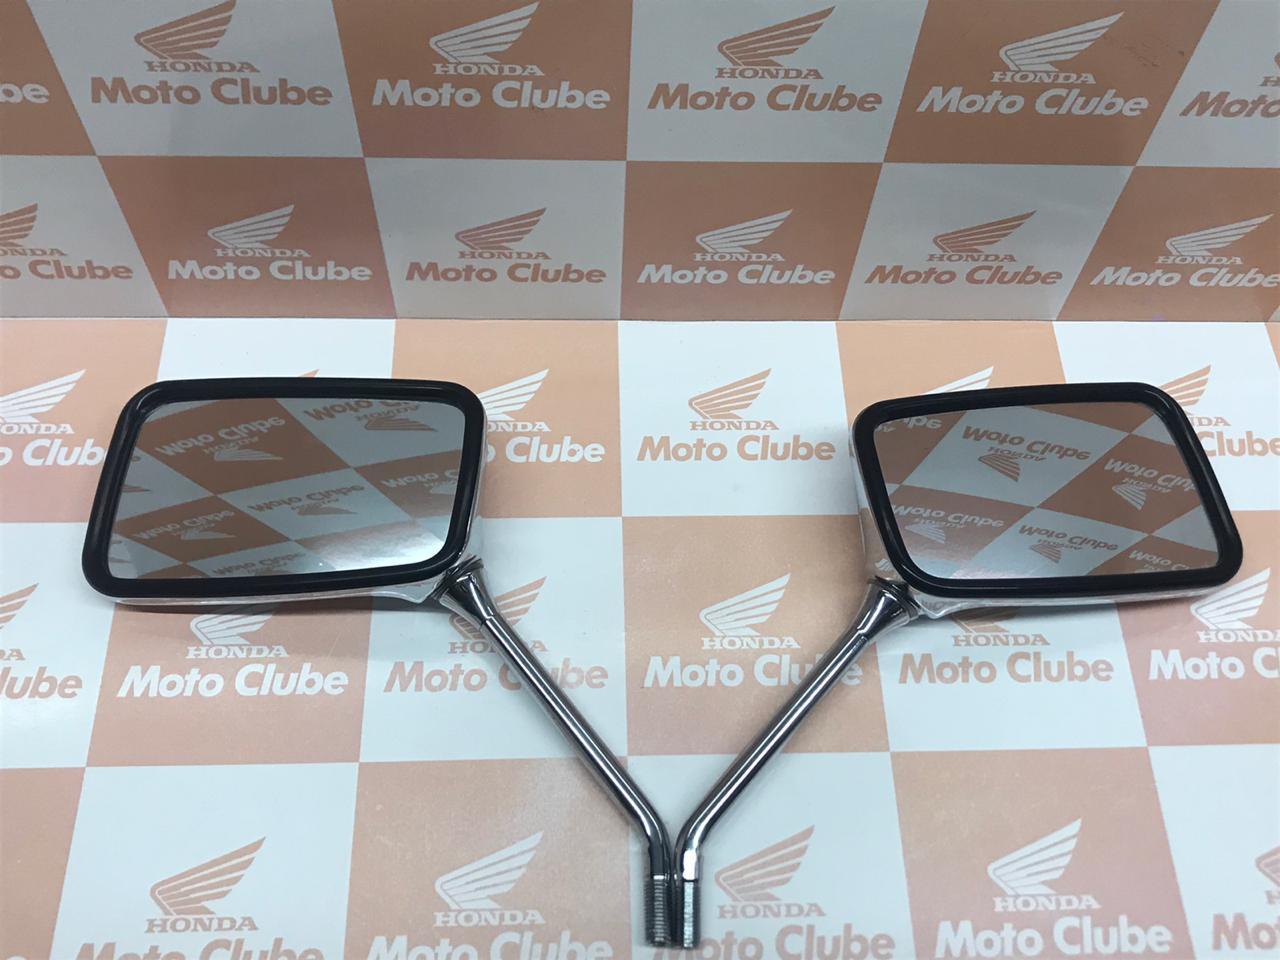 Par Espelhos Retrovisores com Porcas 10MM CB600 Hornet Original Honda